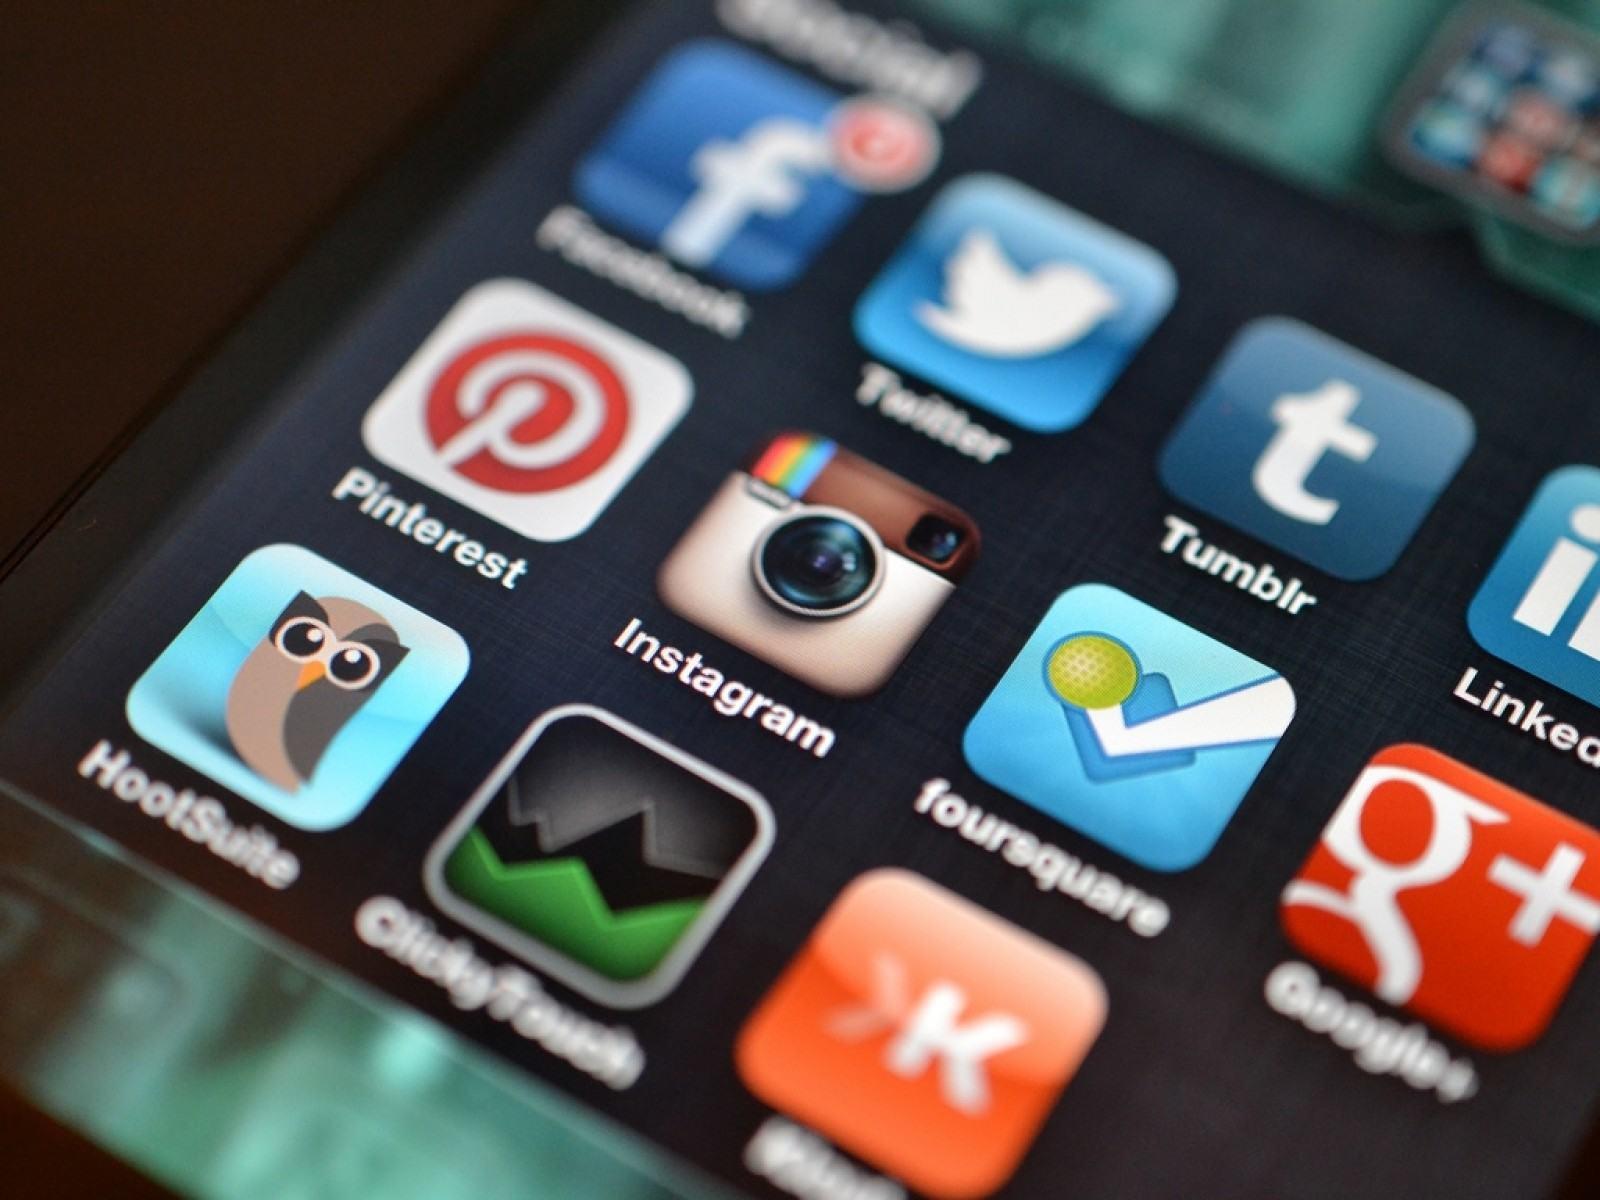 Sosyal Medya Devlerine Soruşturma